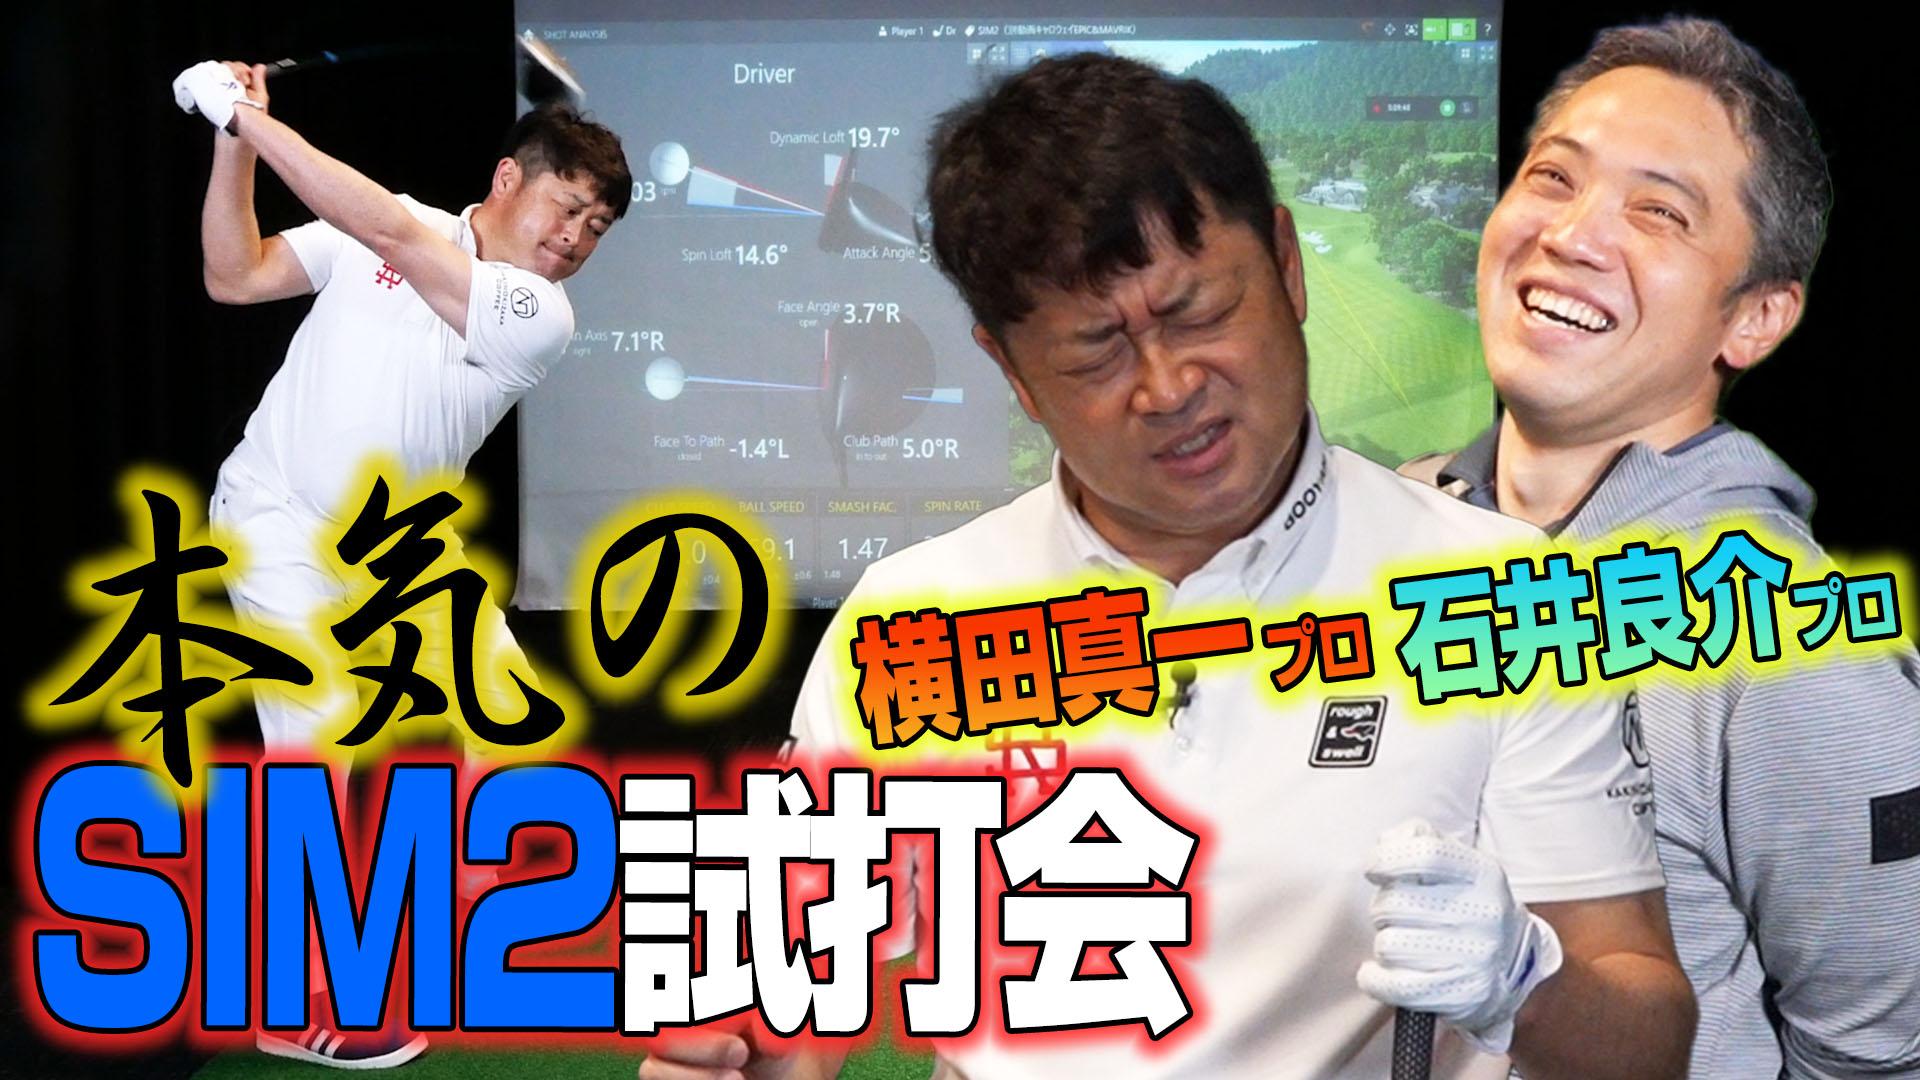 【スポナビGolf特別企画】横田真一プロと「テーラーメイドSIM2試打」